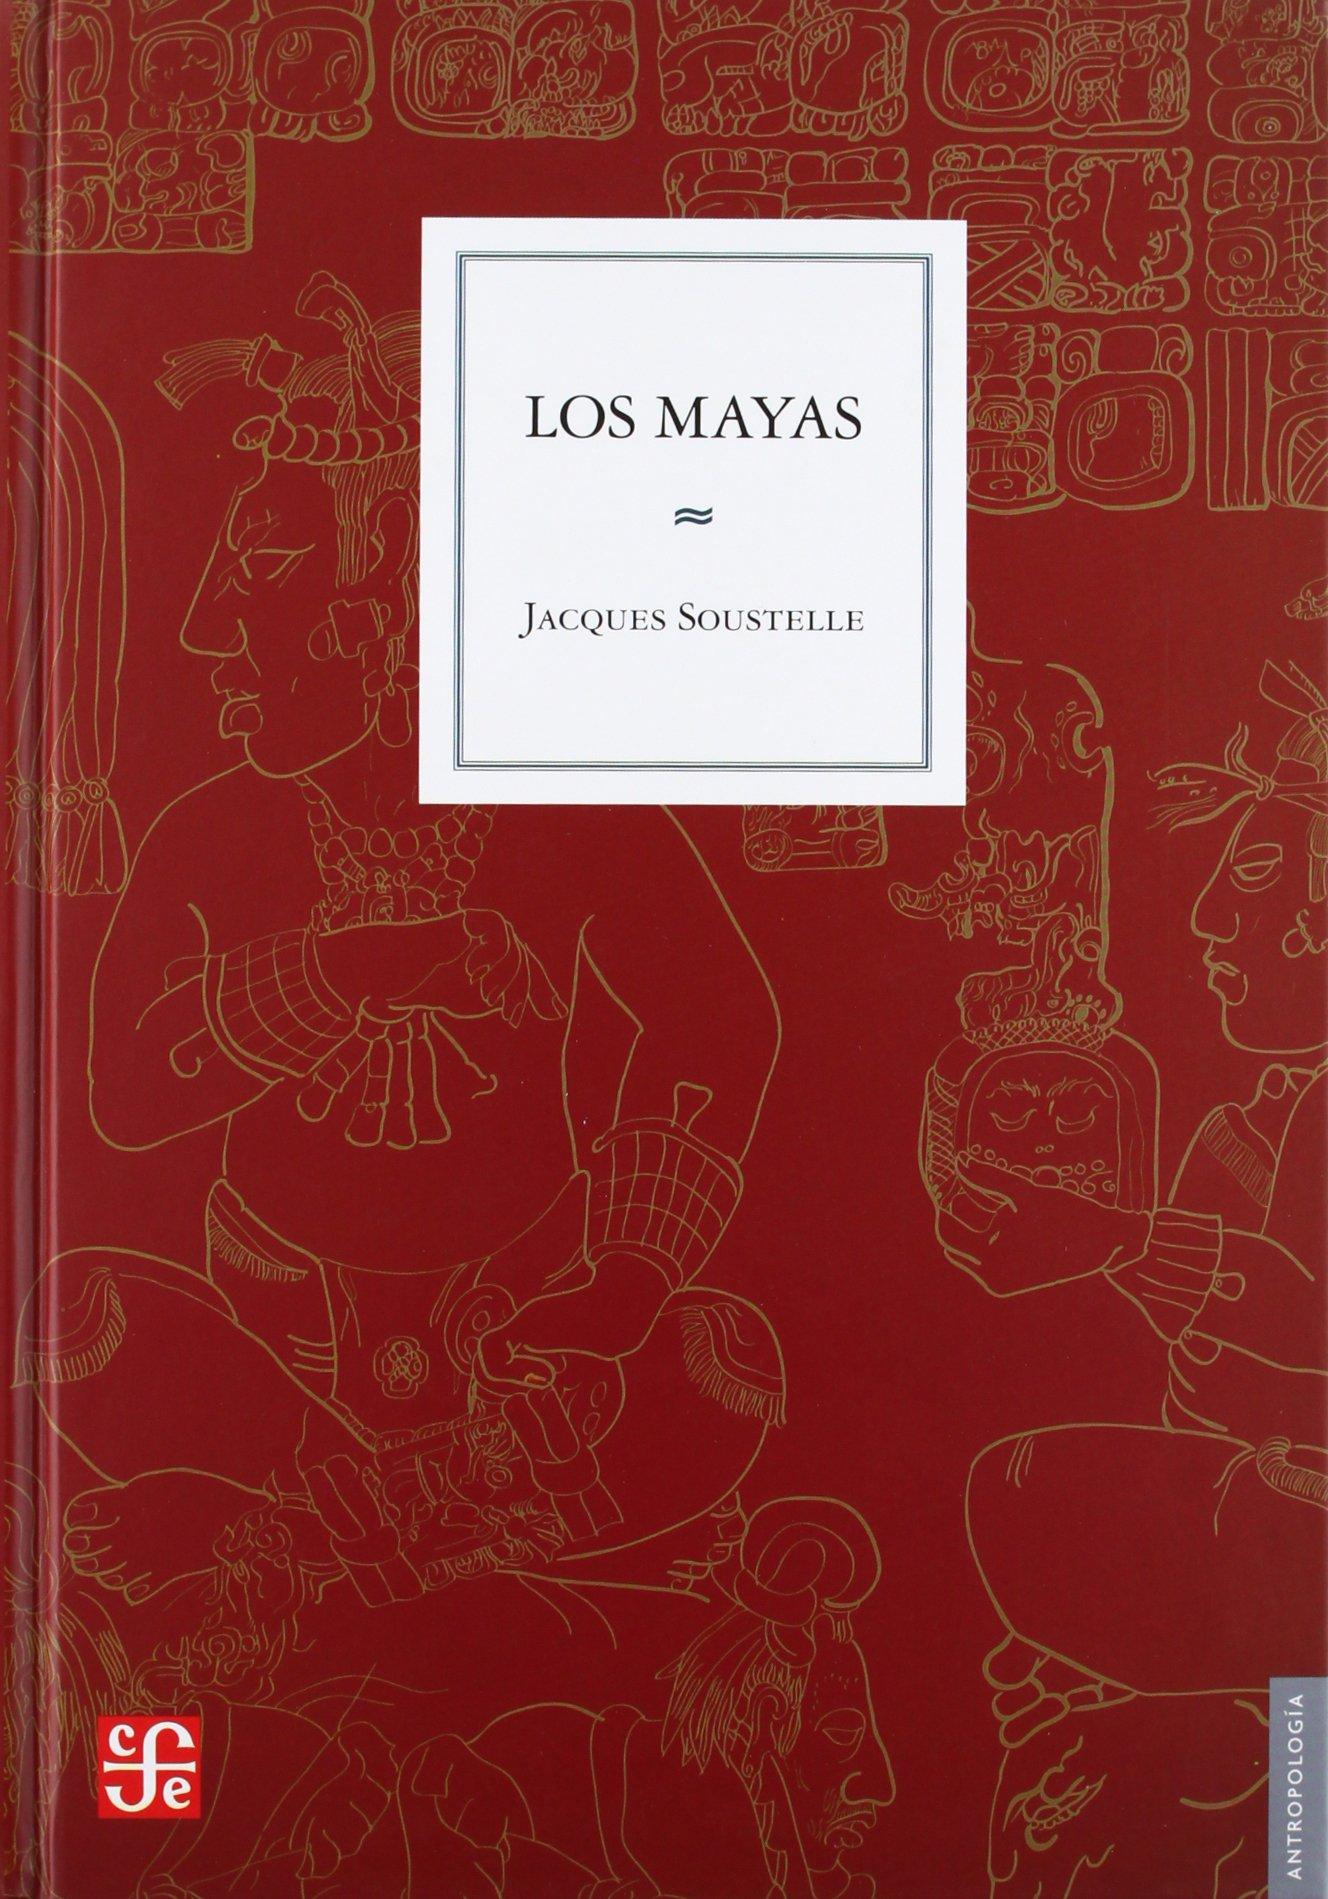 Libro: Los mayas